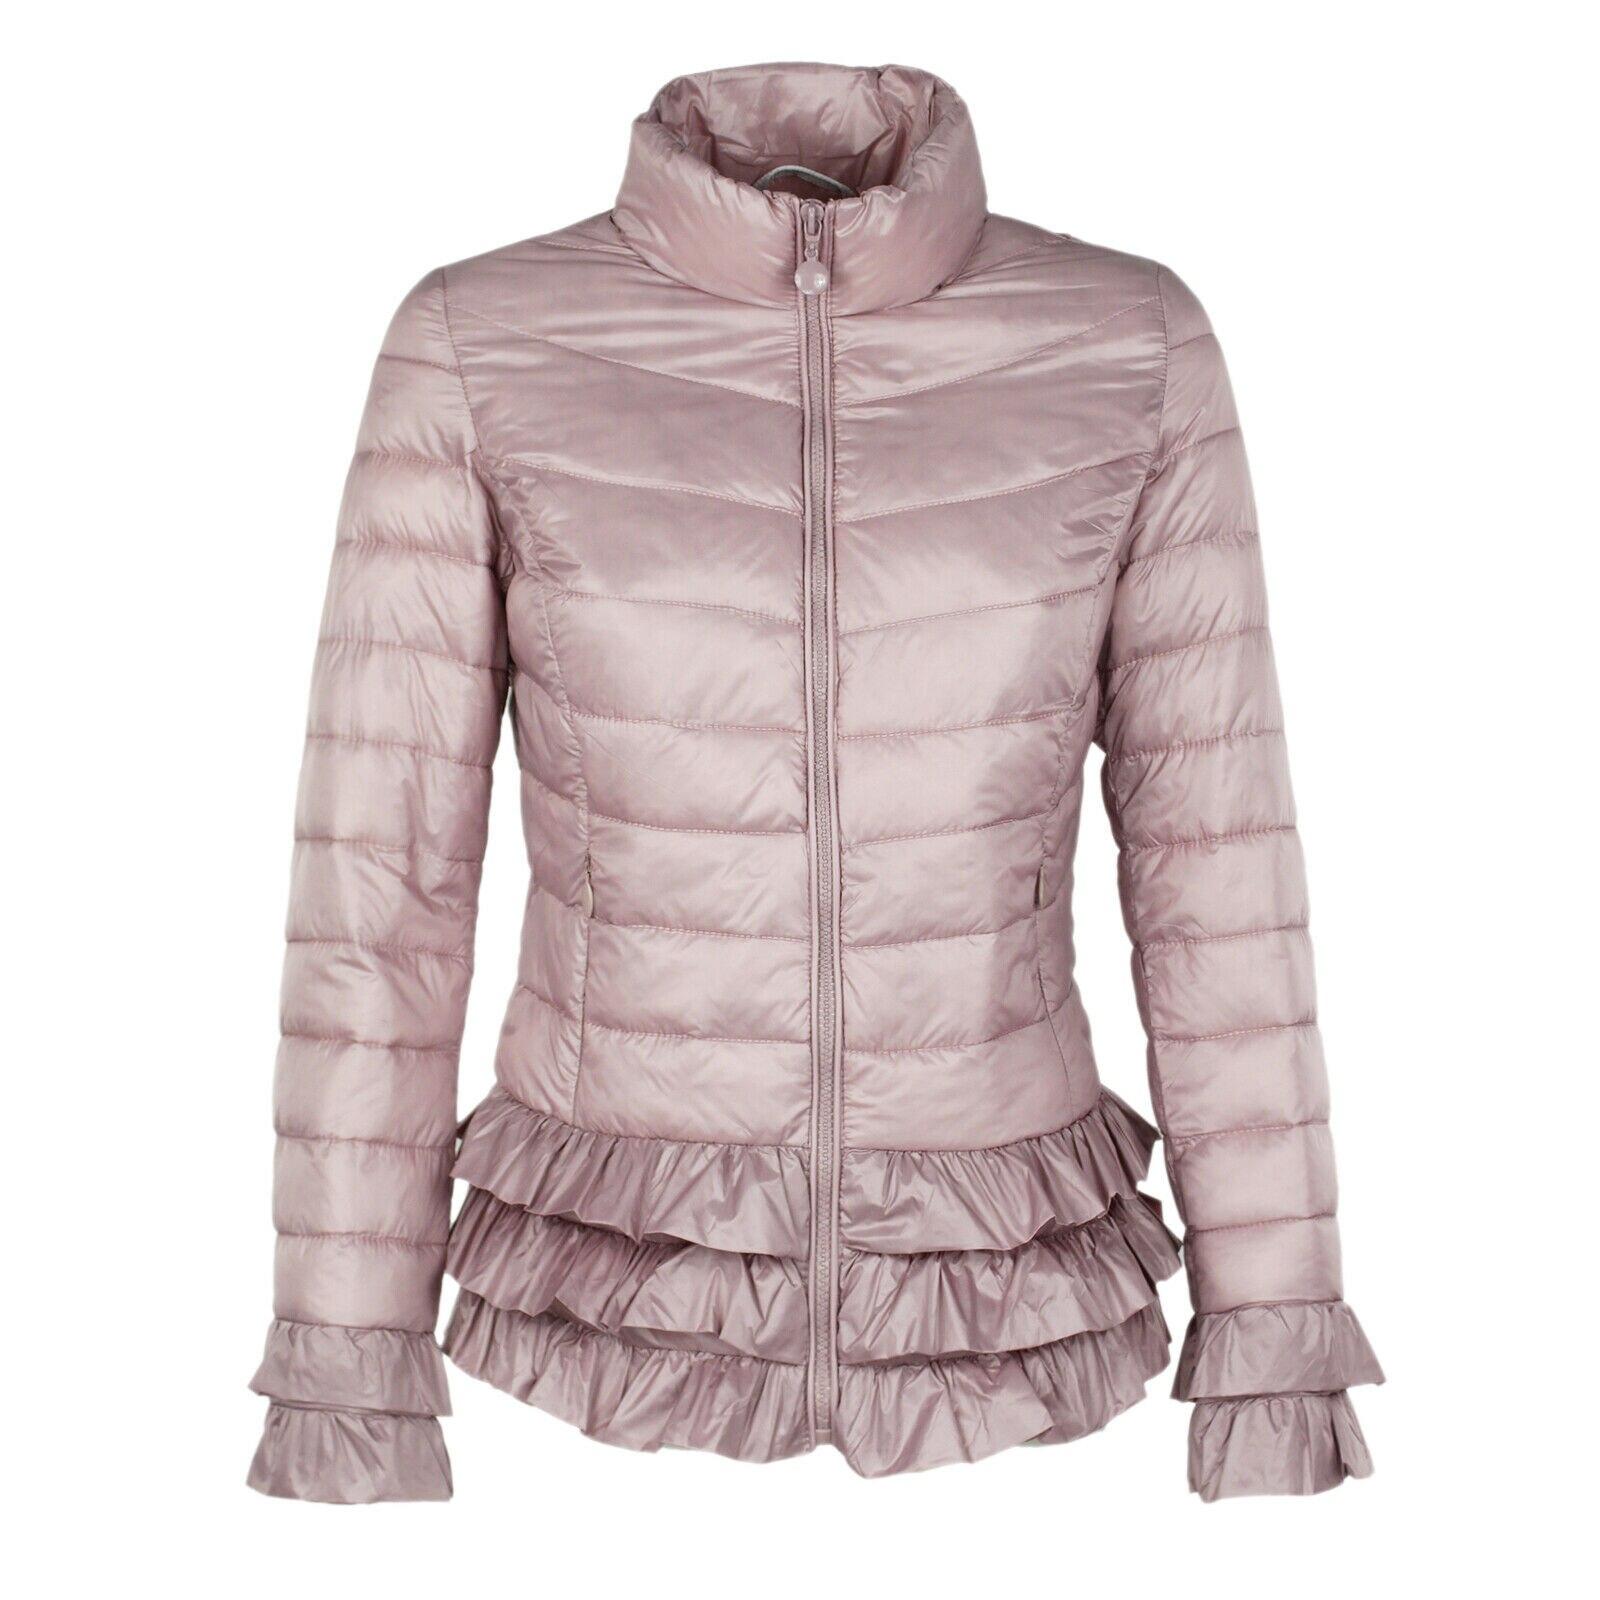 Prenda ligera y de abrigo Chaqueta mujer acolchada relleno y capucha ajustada